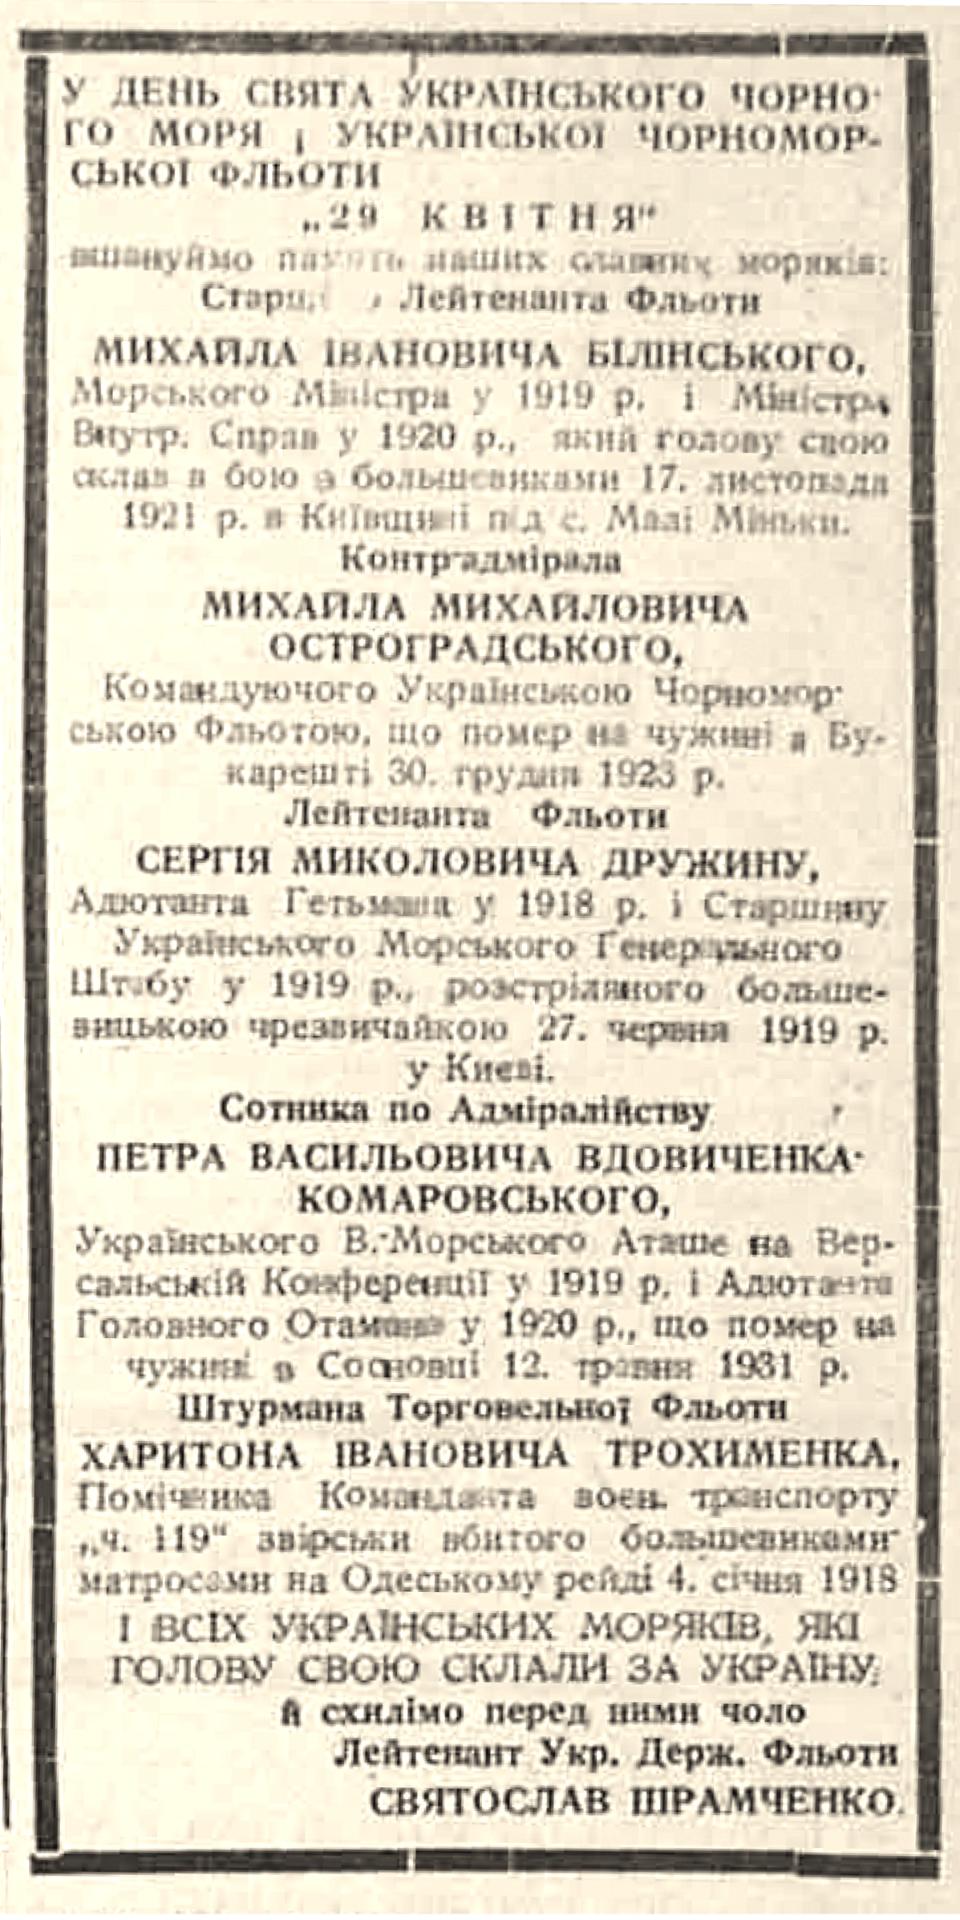 Некролог у газеті «Діло» від 29.04.1936